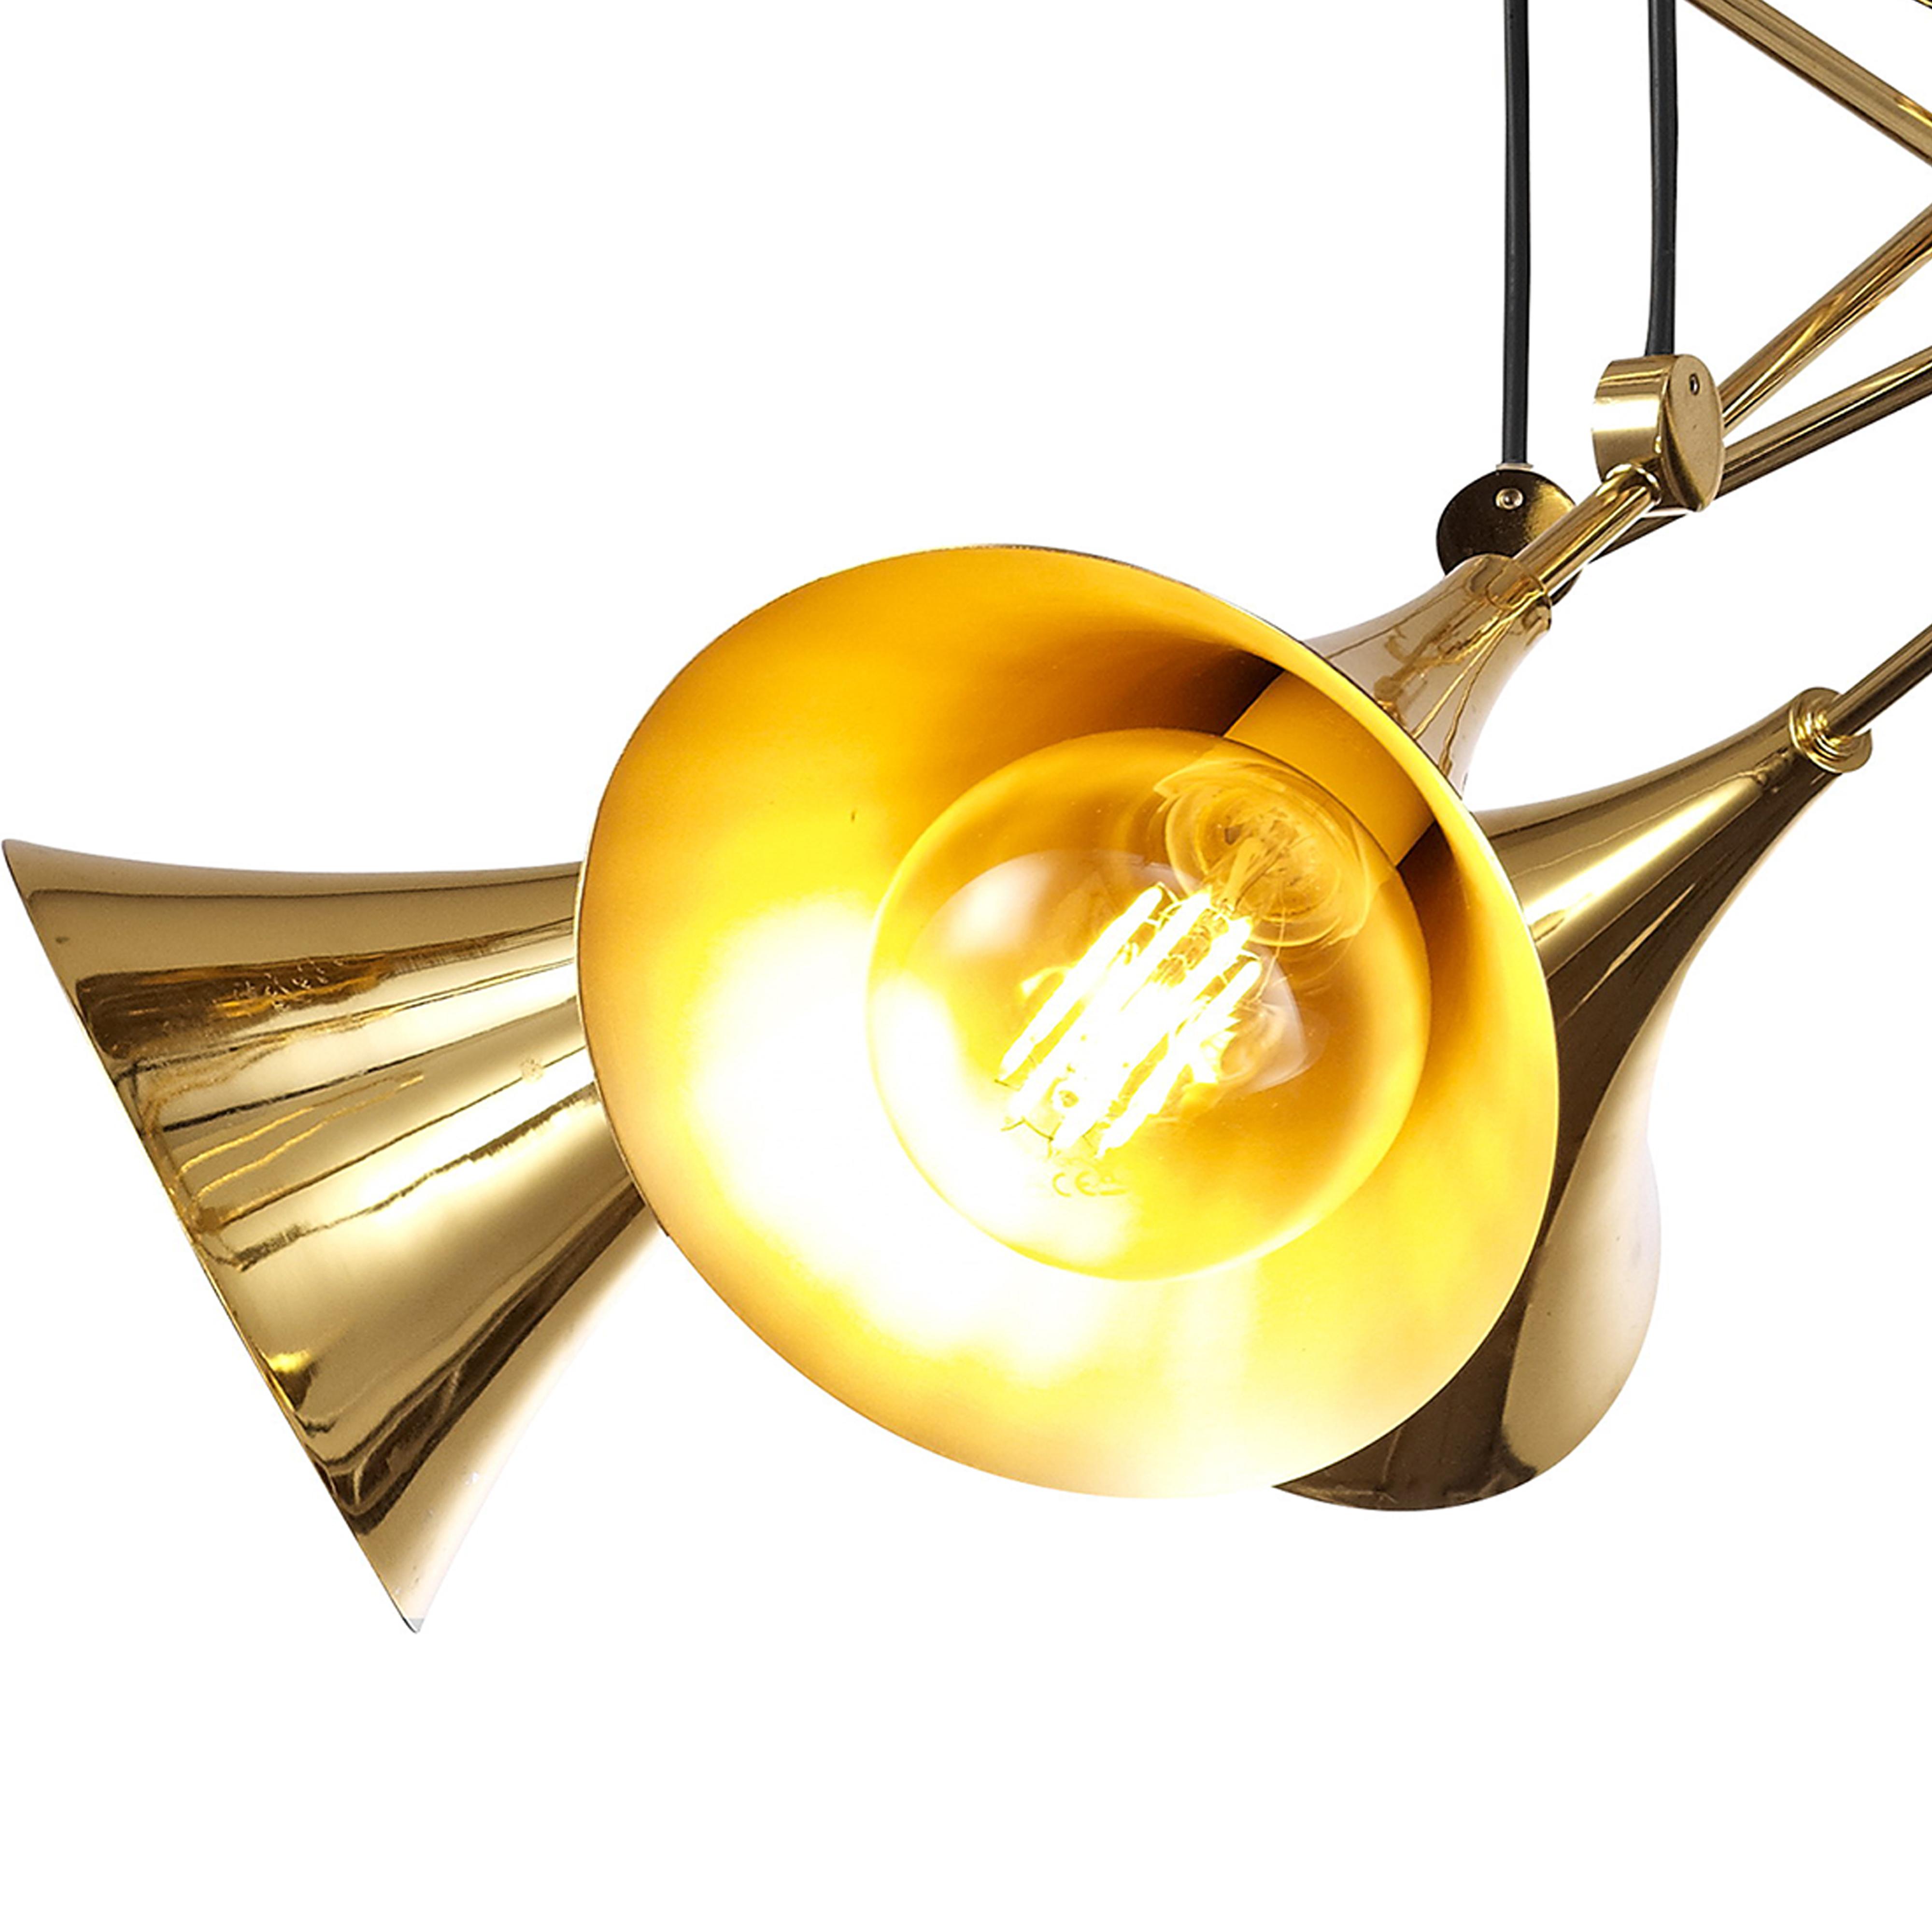 Подвесная люстра Mantra Jazz 5895, золото, металл - фото 6